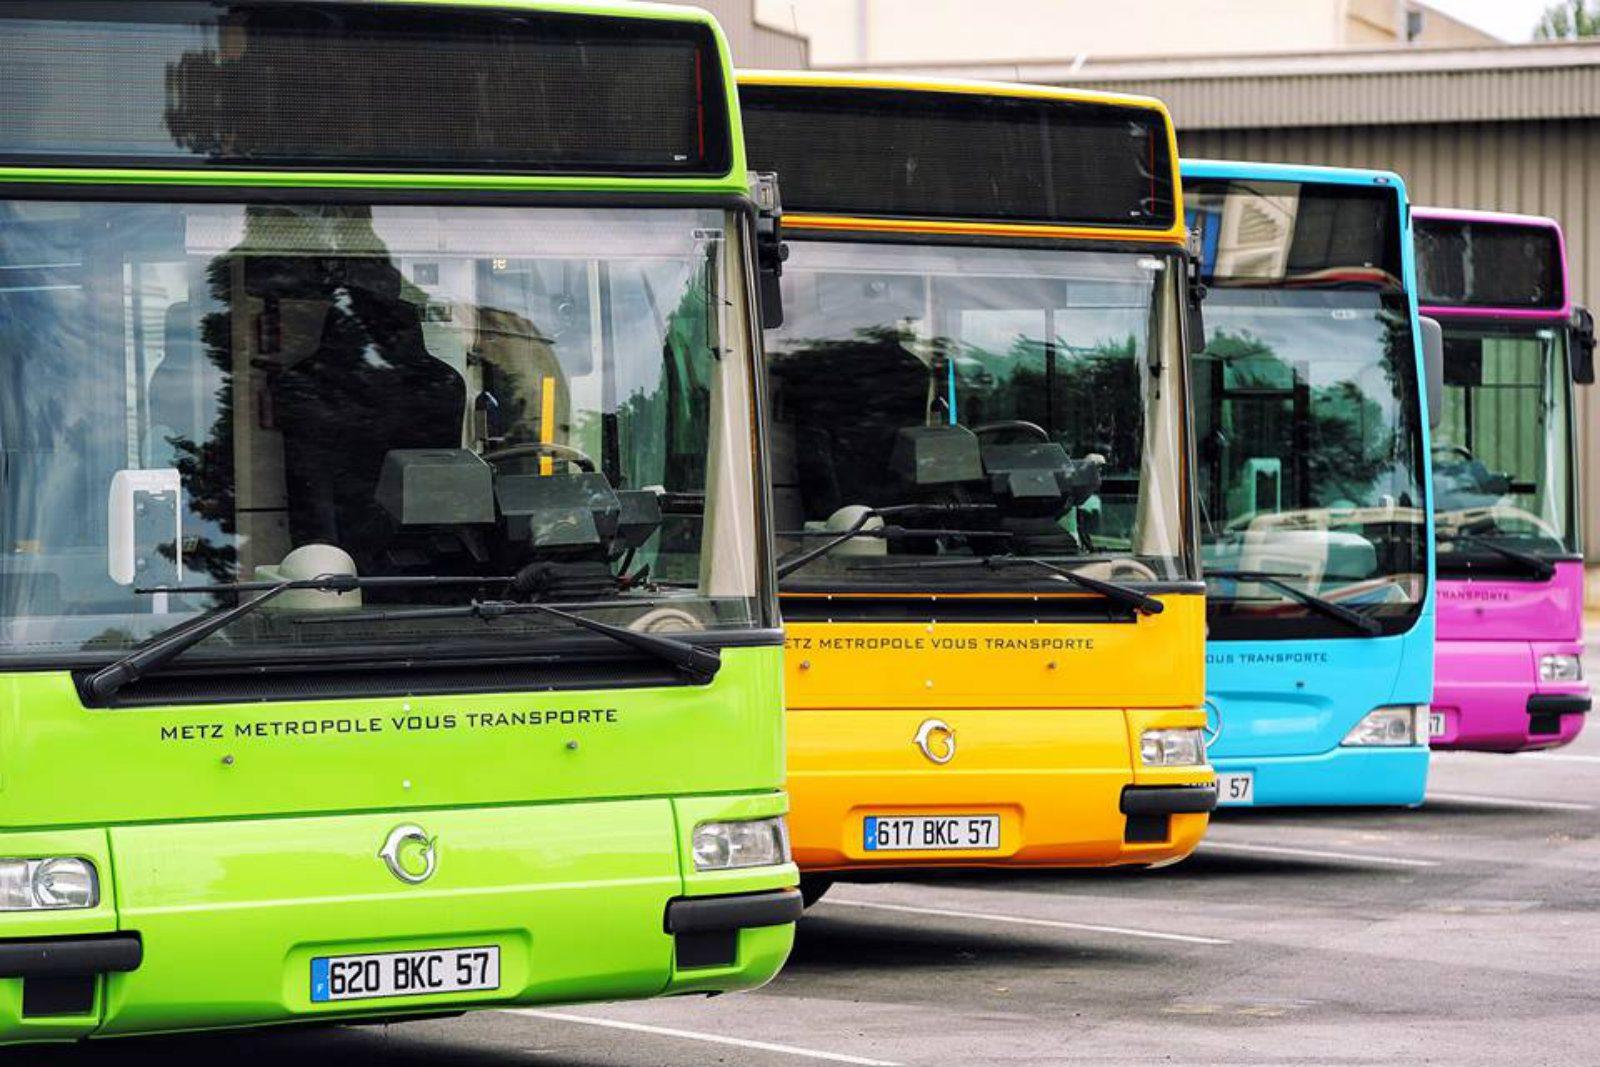 Réseau de bus à Metz Métropole : jours fériés et préavis de grève